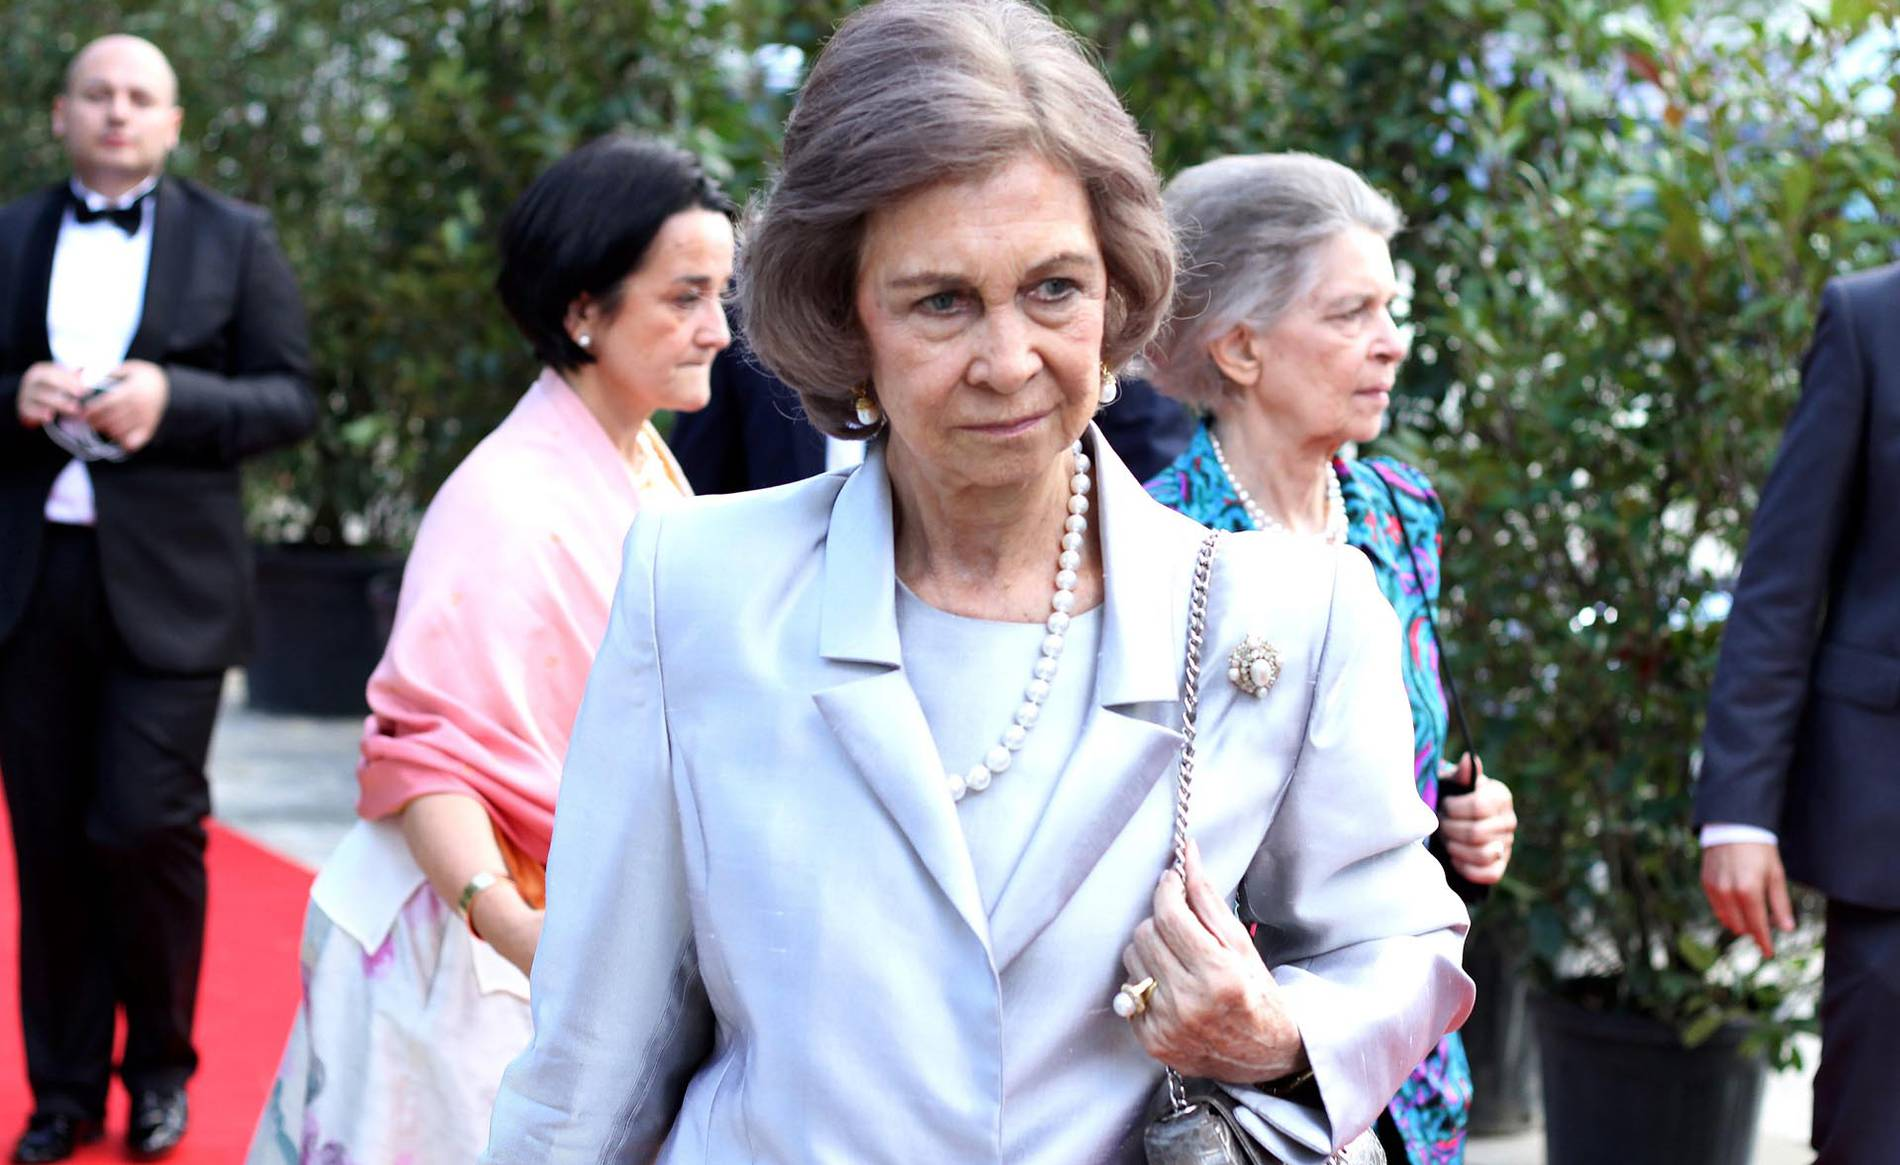 Boda real en Albania 80 años después (1/28) - El príncipe de Albania Leka II se casa con la actriz Elia Zaharia - Sociedad -